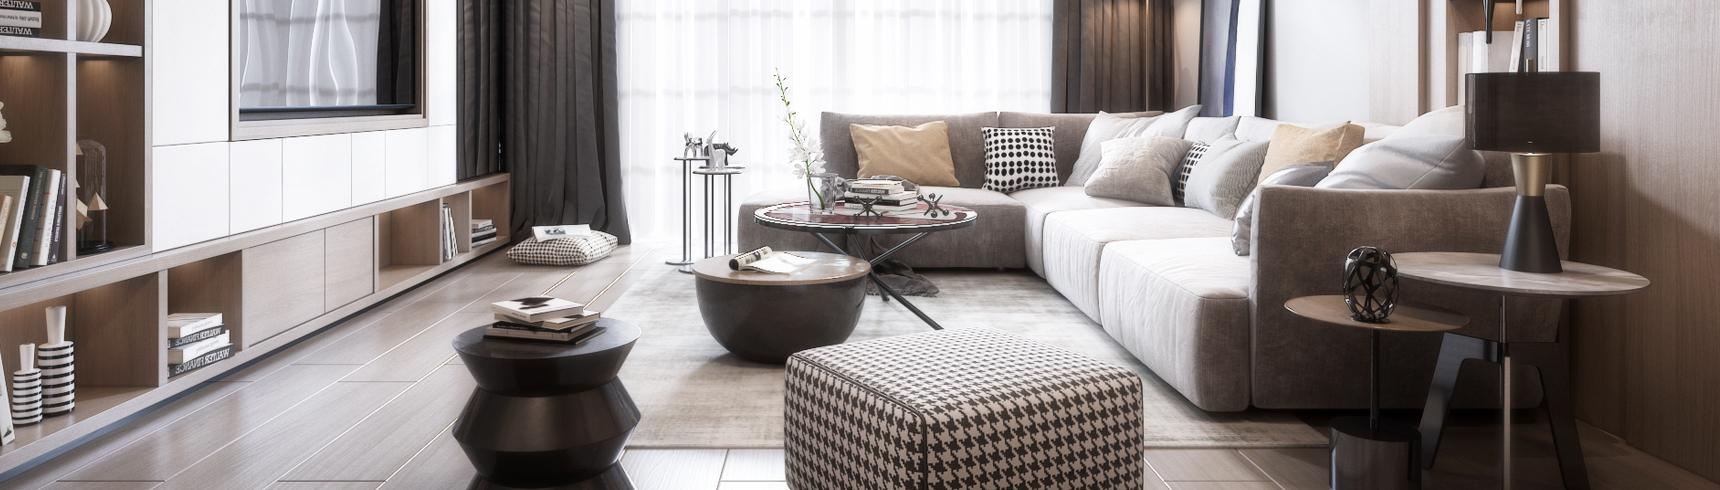 现代客厅 沙发 吊灯 台灯 窗帘 茶几 挂画 装饰品3D模型下载